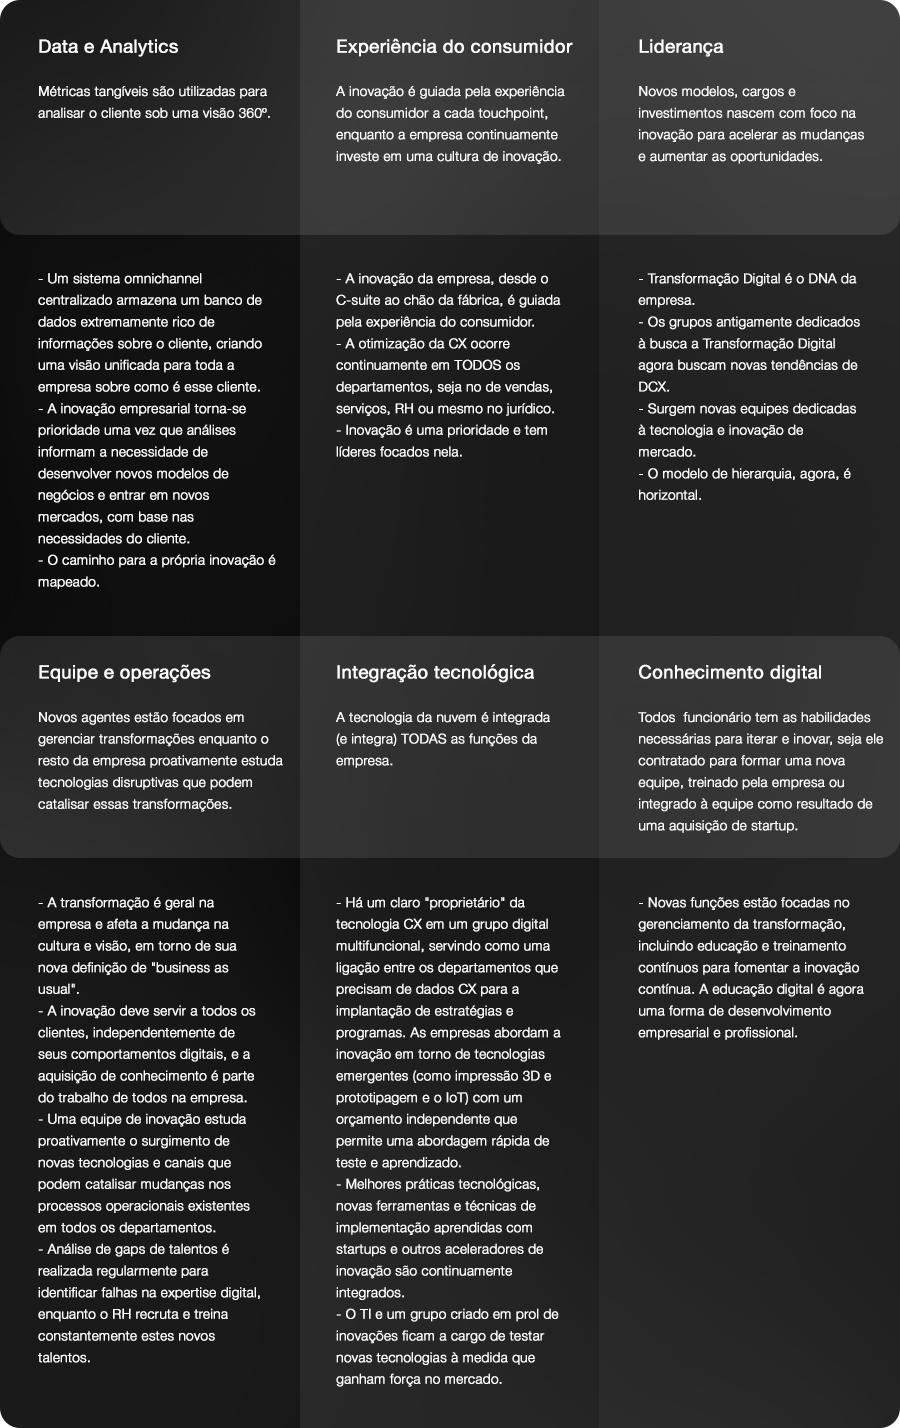 6º Estágio da Transformação Digital em uma empresa